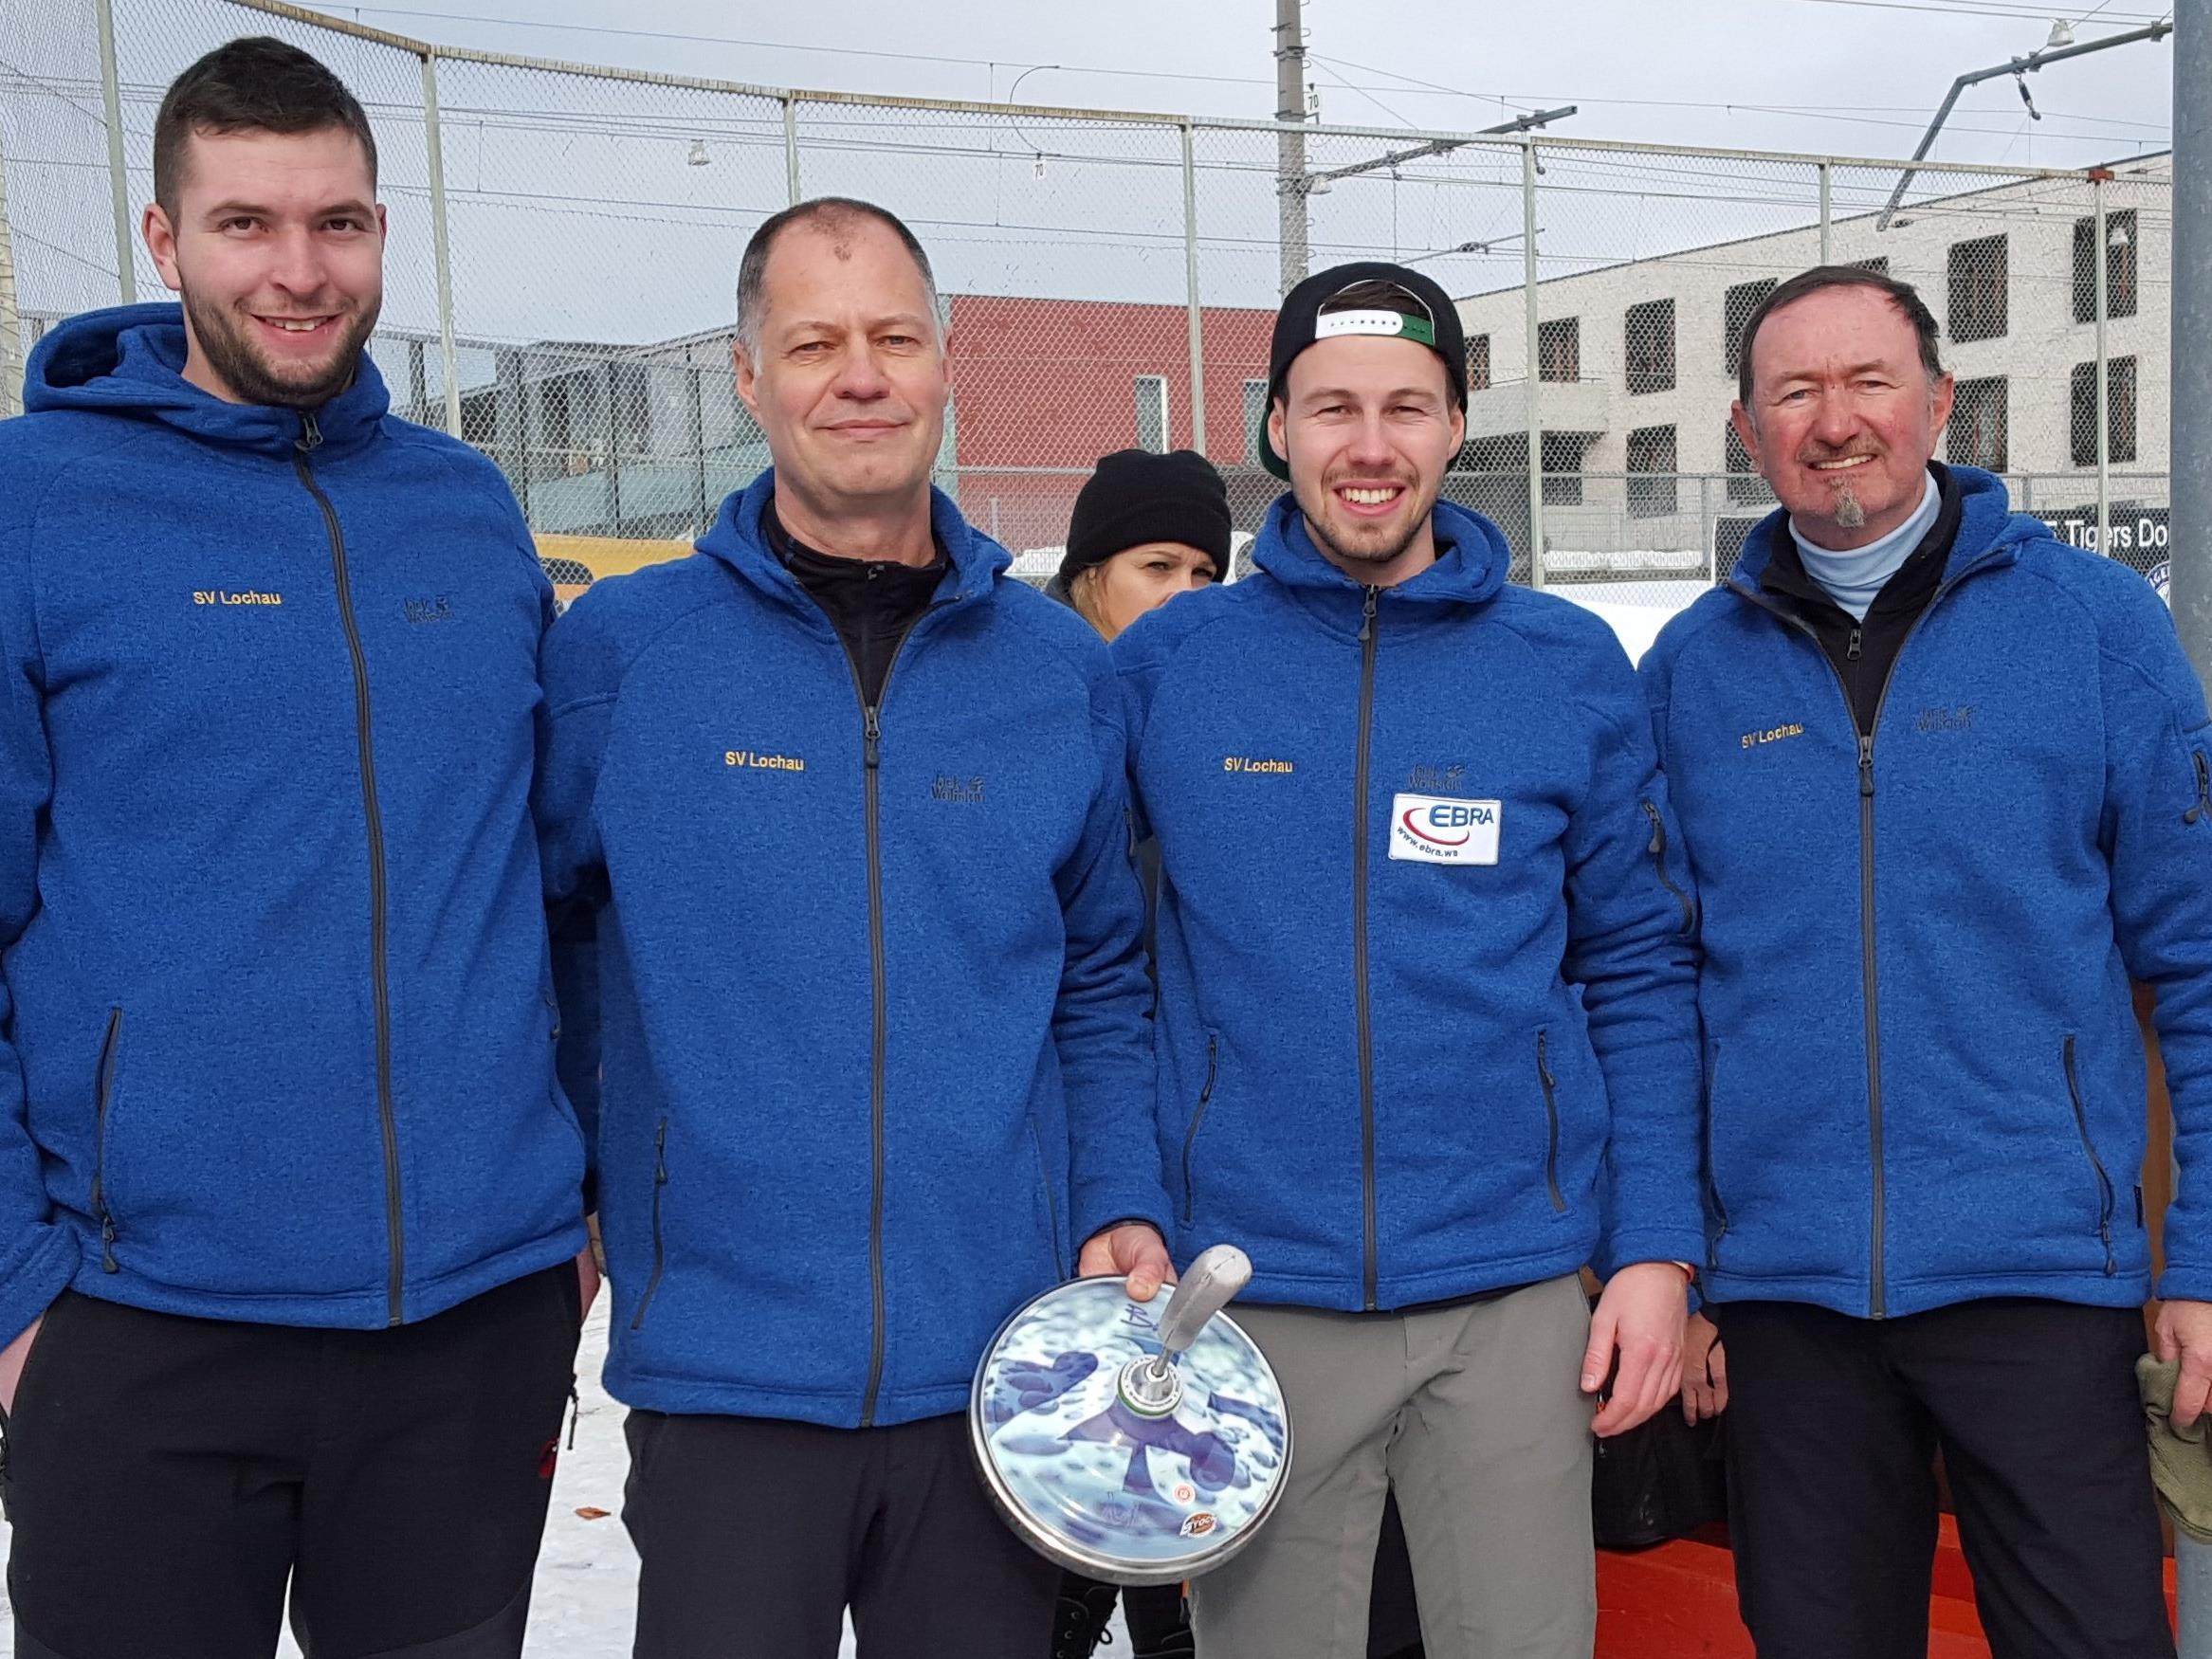 Patrik Plangger, Christoph und Abraham Sohm, Erich Pienz